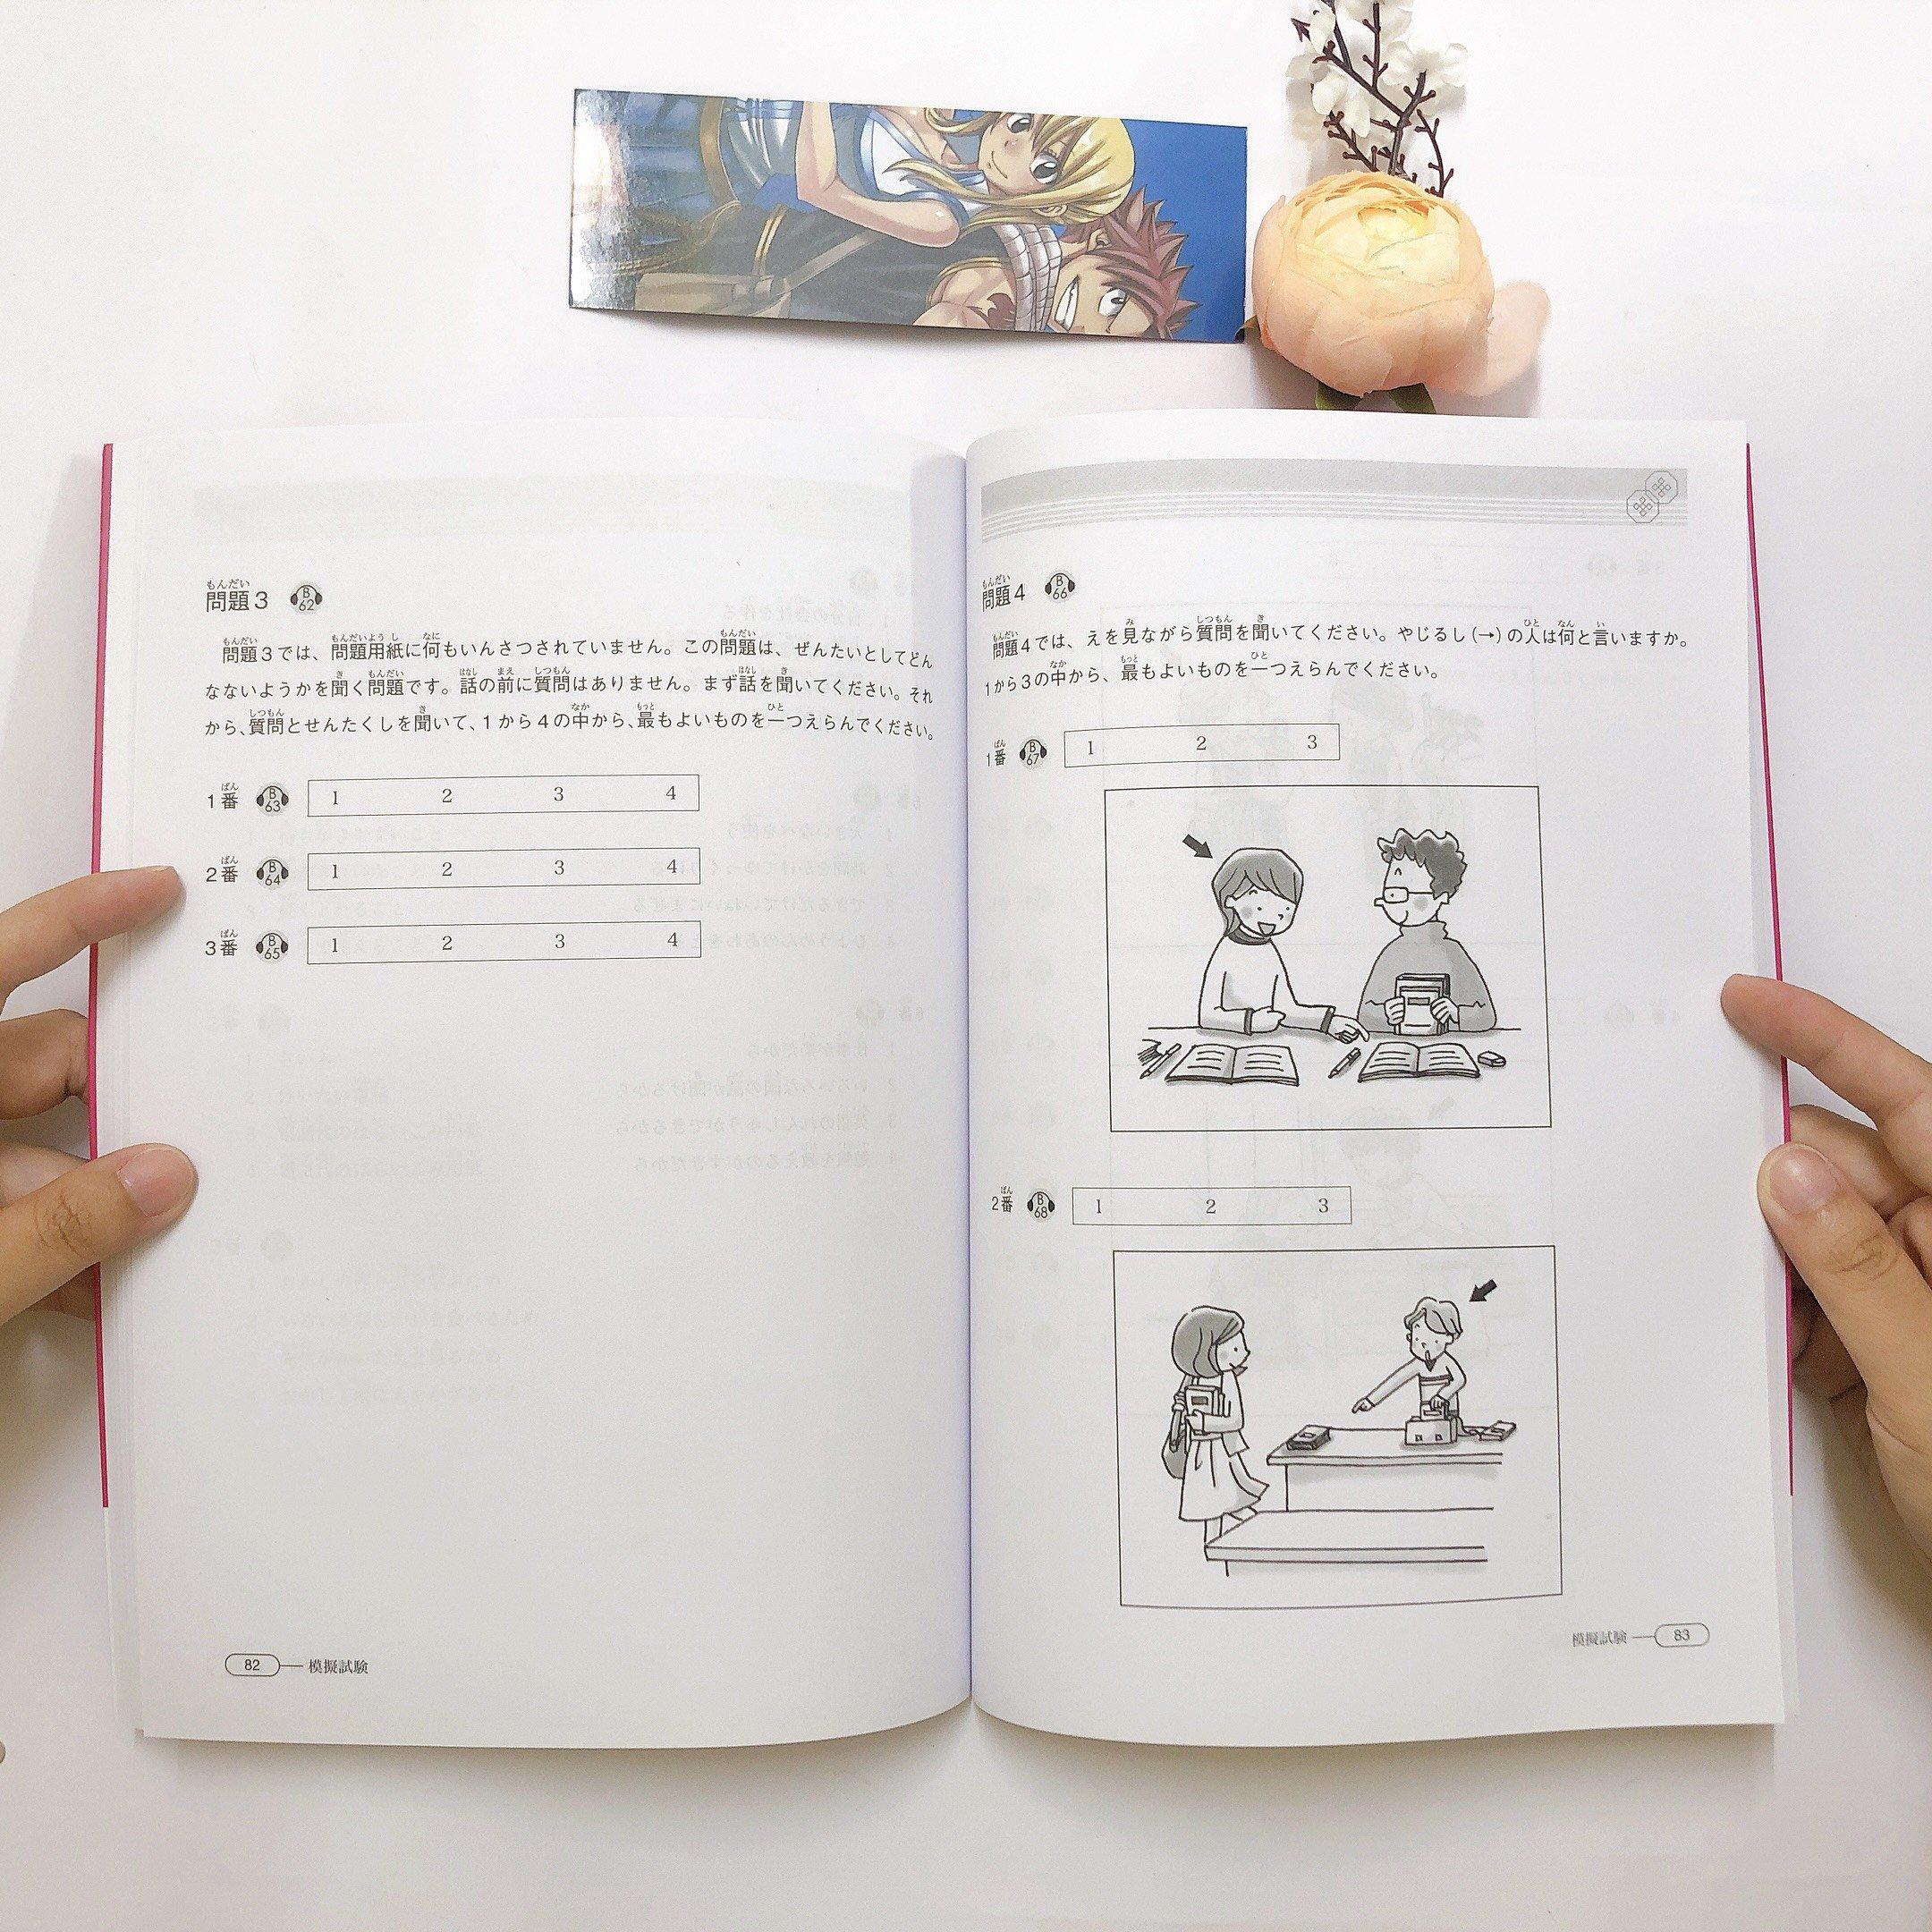 Shinkanzen master nghe n3 nội dung